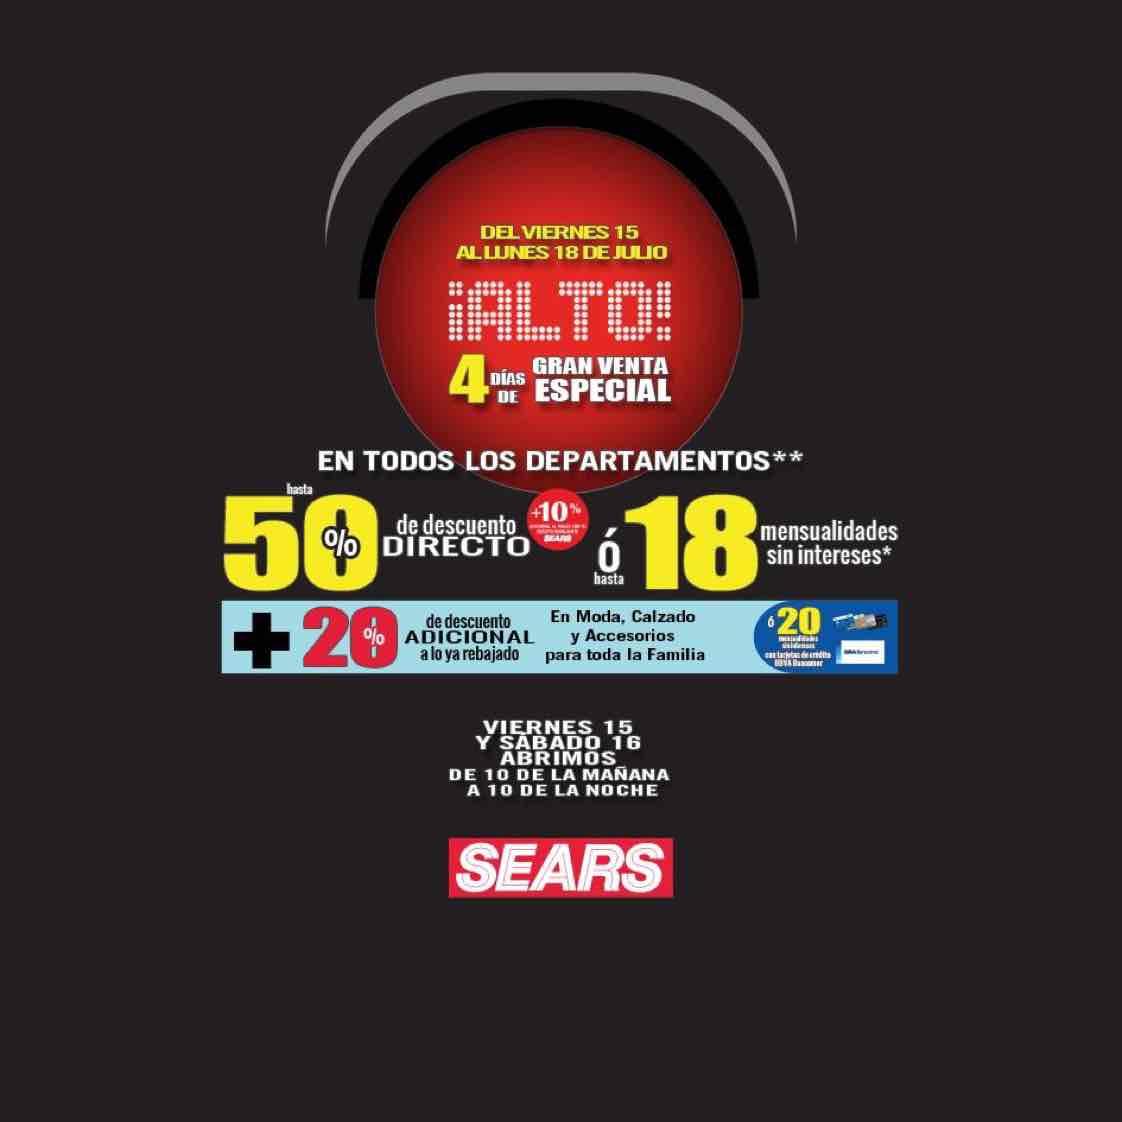 Sears: 4 días de venta especial